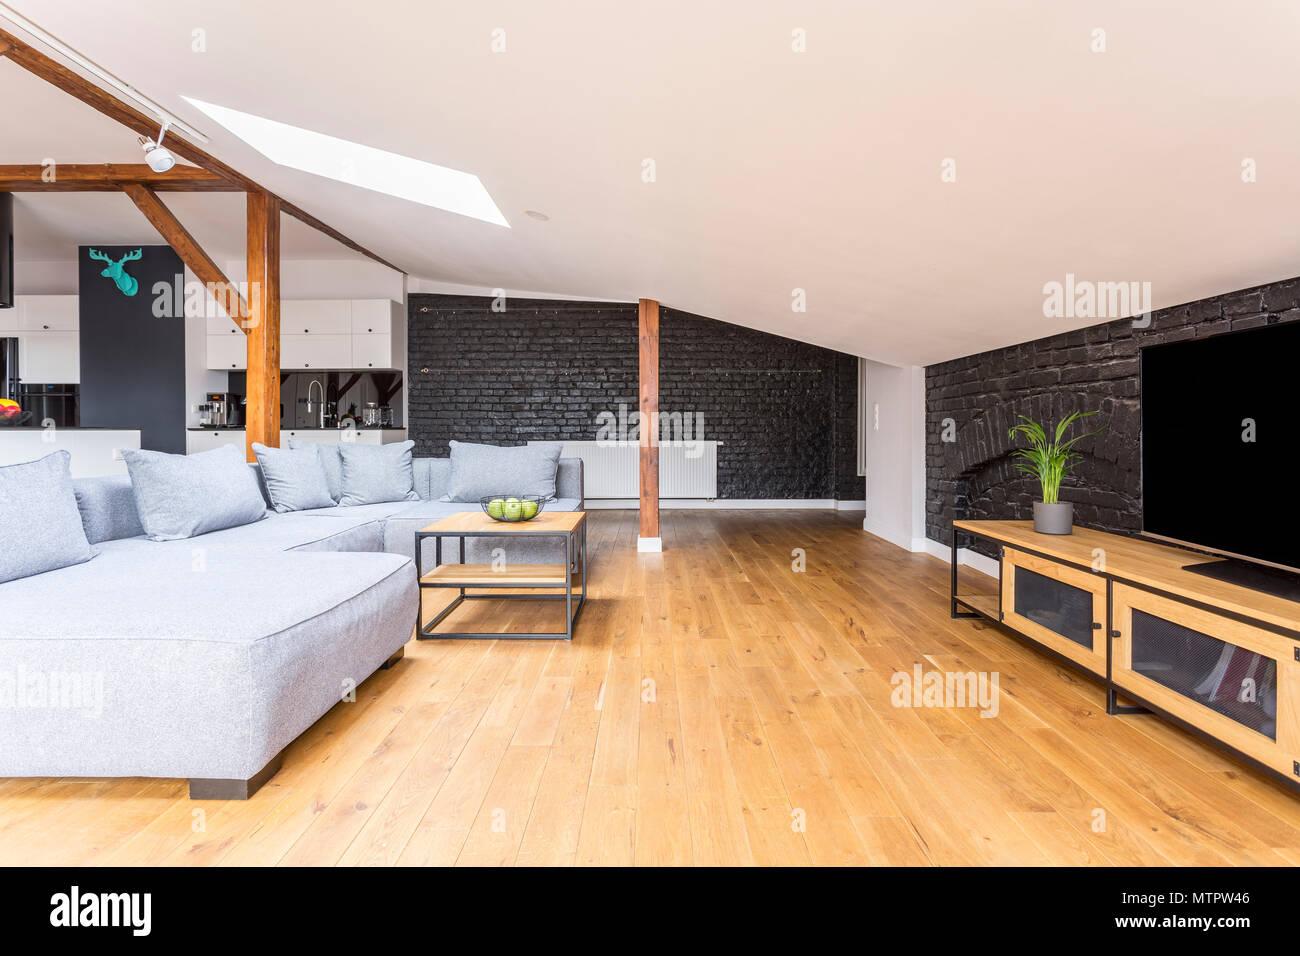 Fernsehen Auf Langen Holzernen Einbauschrank In Wohnzimmer Mit Couch